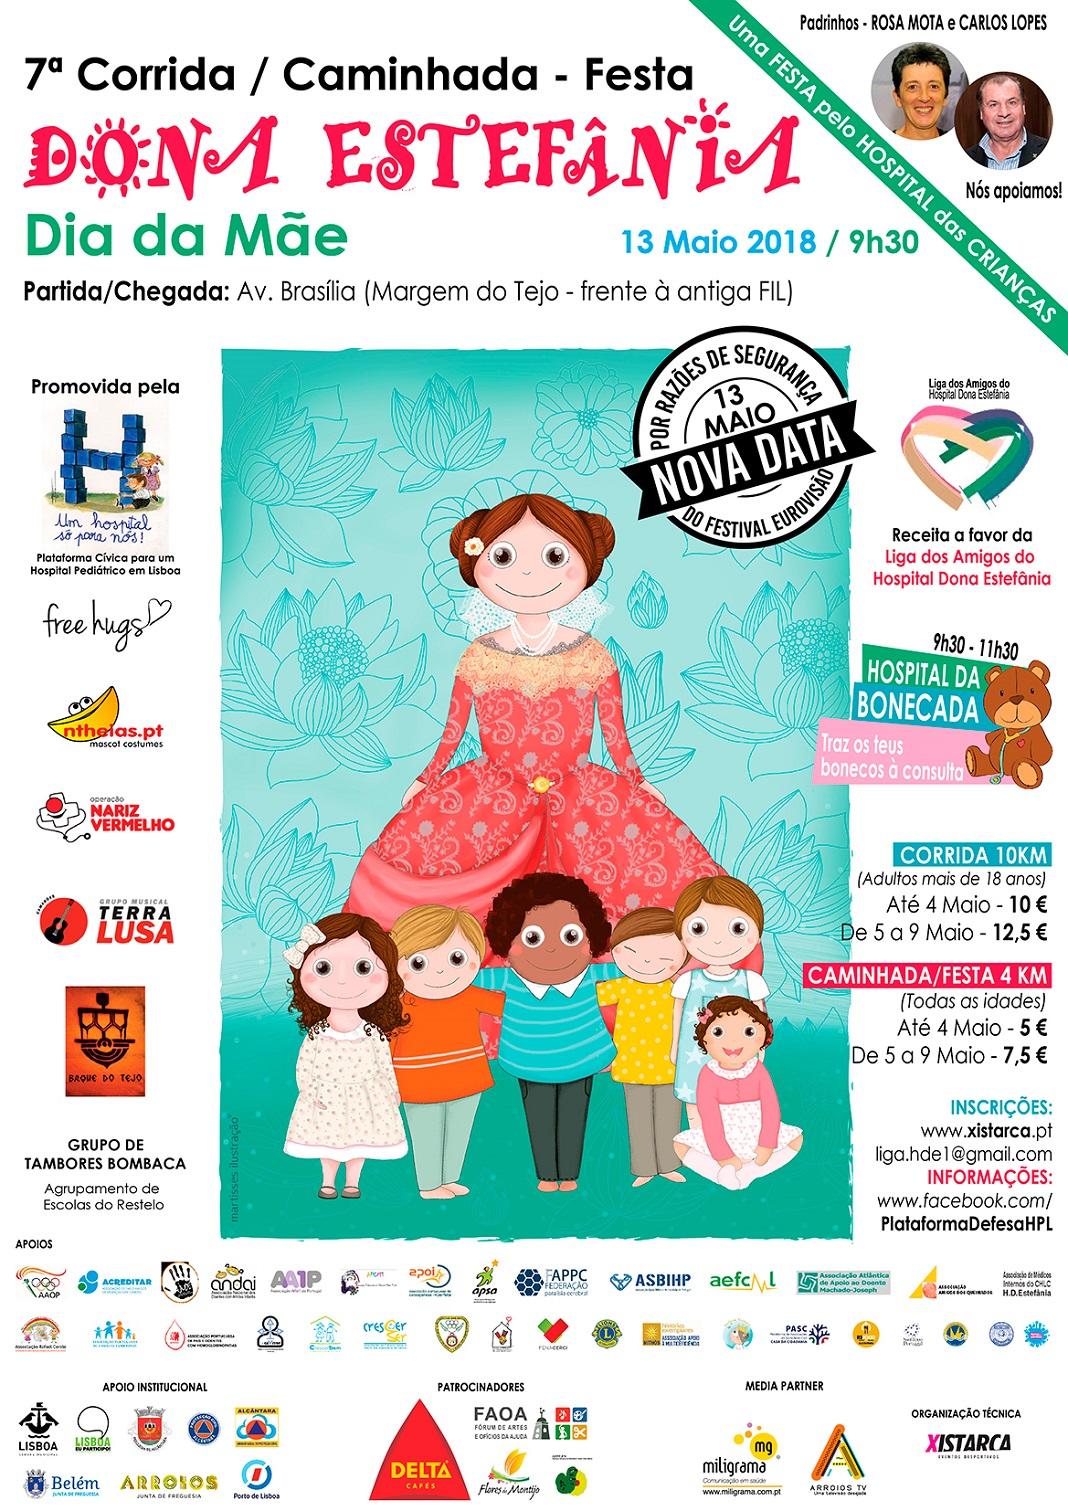 Festa Dona Estefânia com Corrida e Caminhada